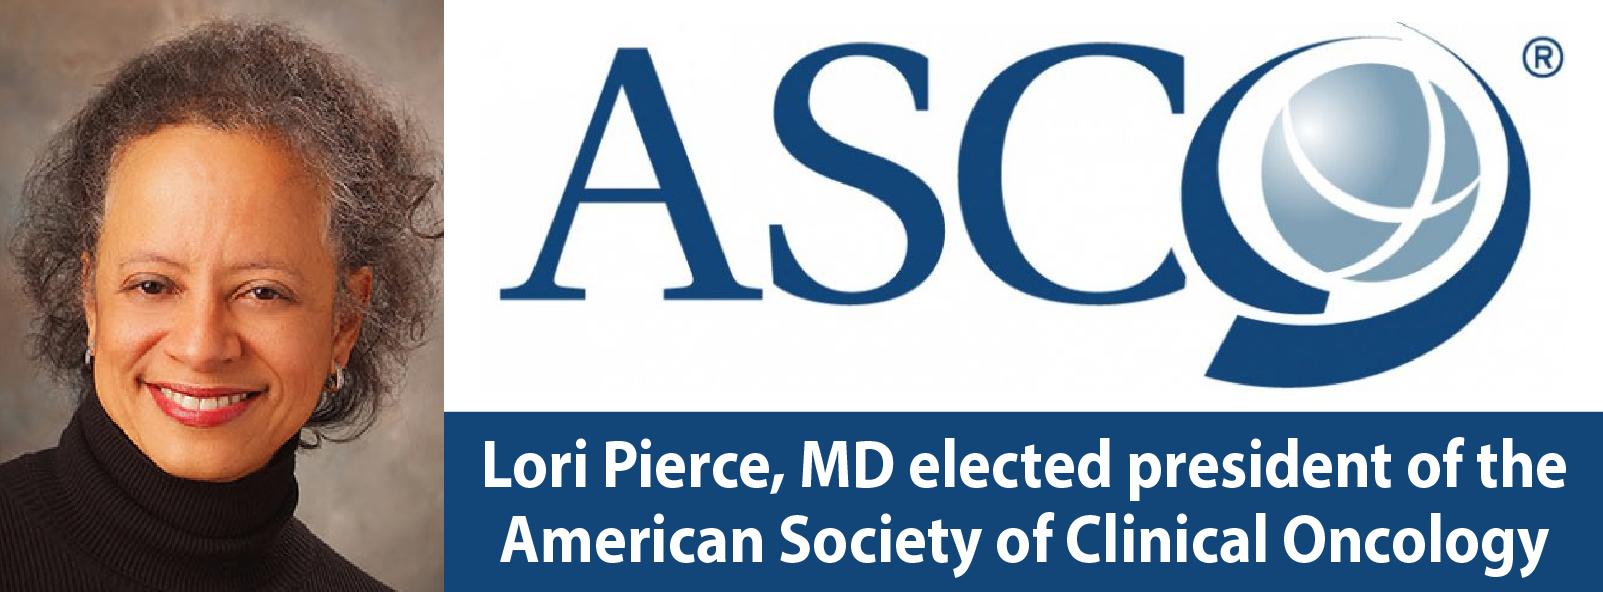 ASCO president Lori Pierce